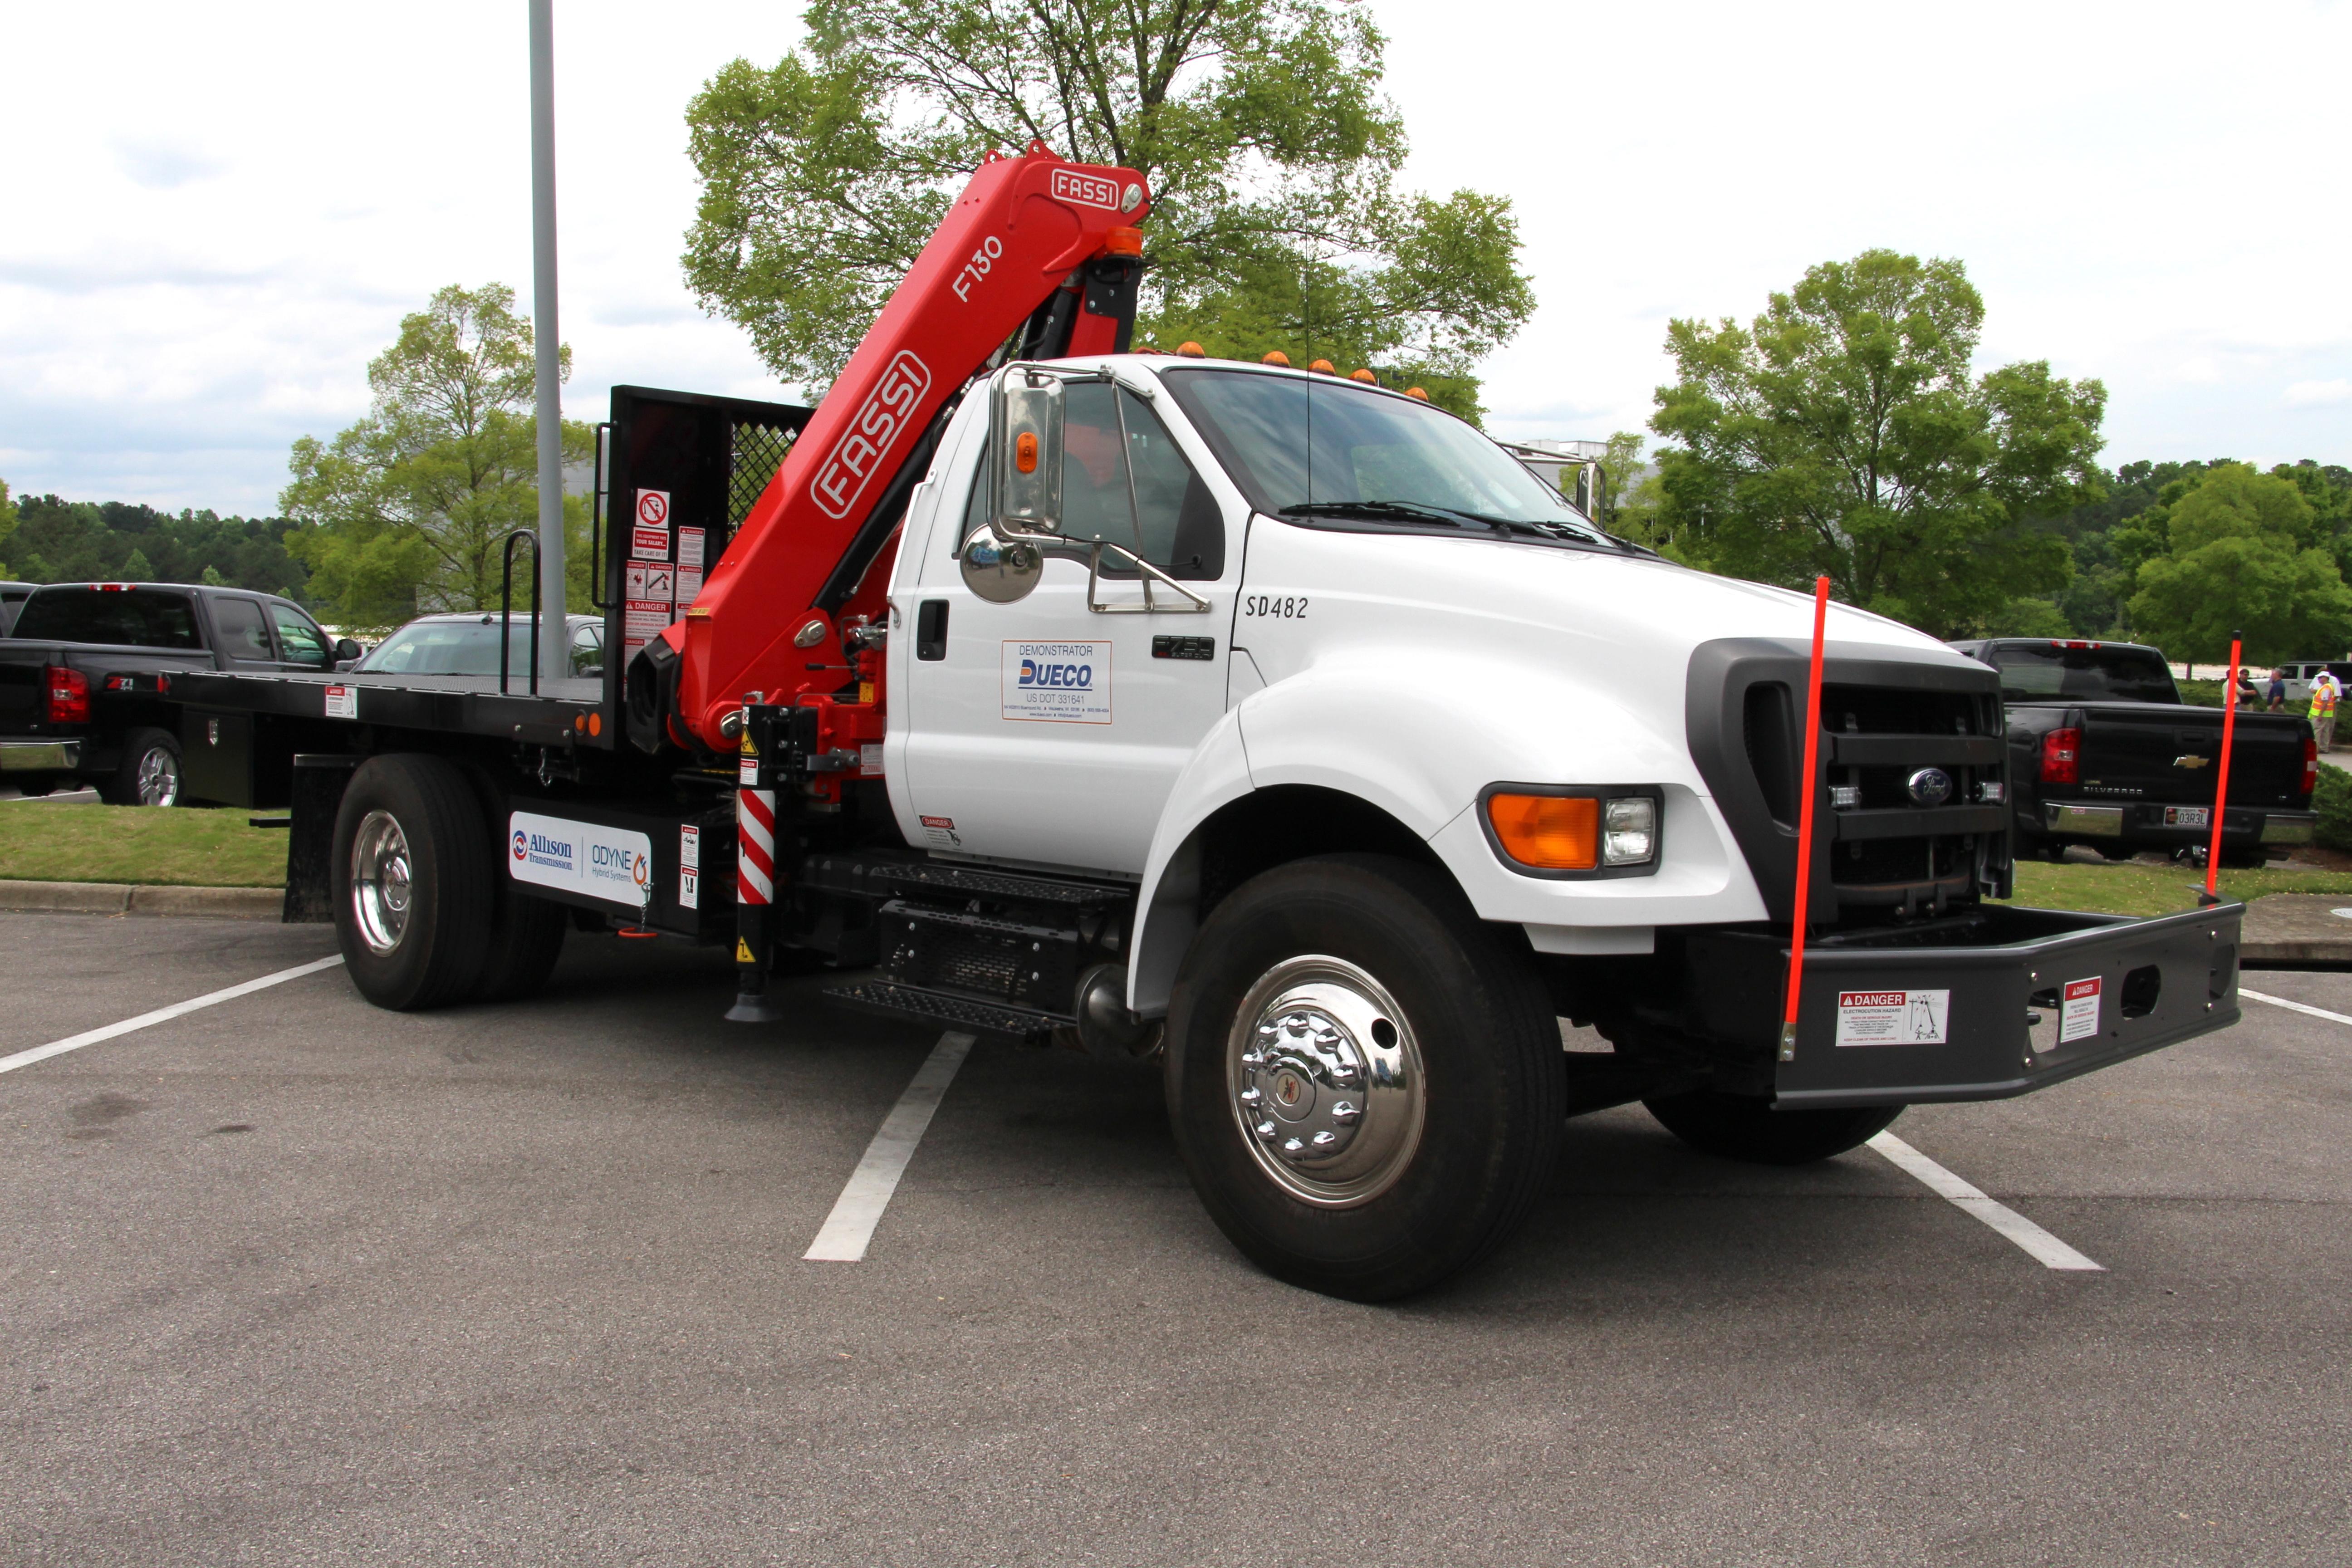 HTUF Southeast Event Highlights Fuel-Saving Trucks